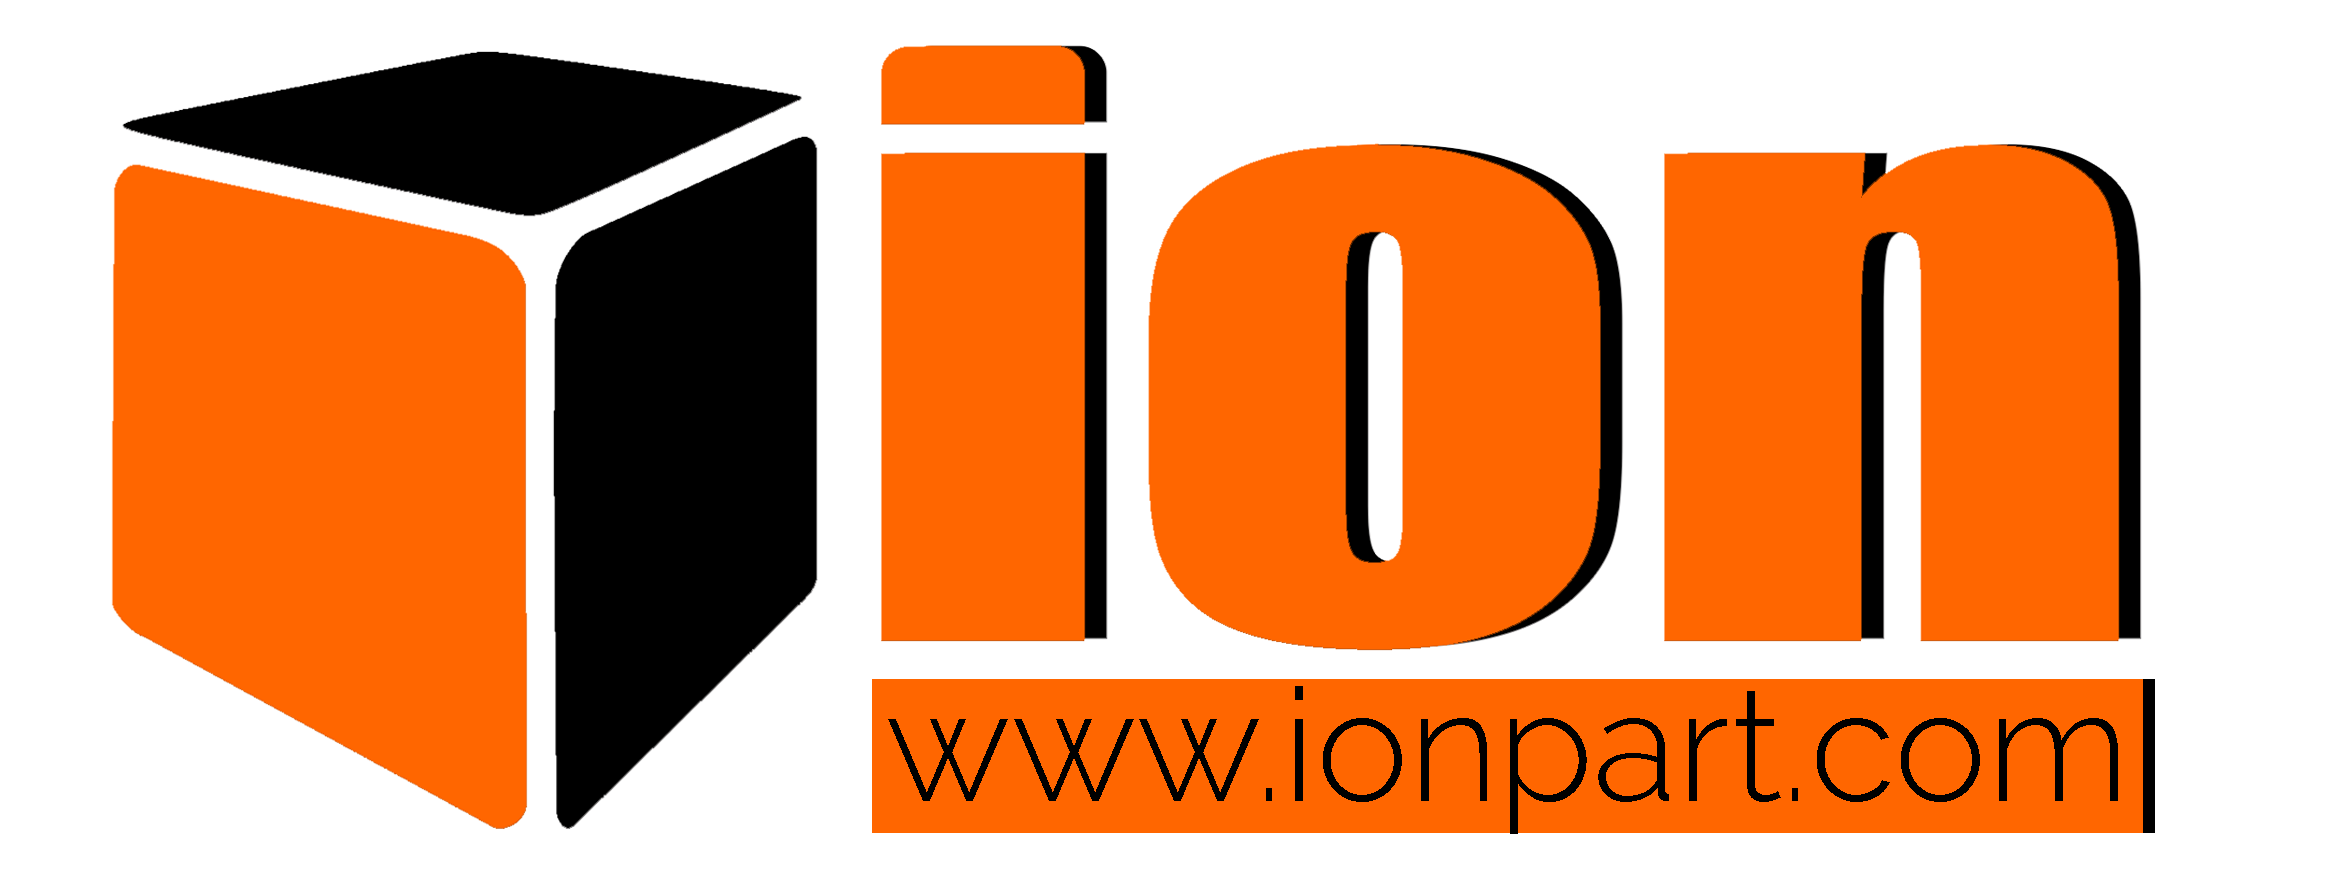 ionpart_logo_zeon